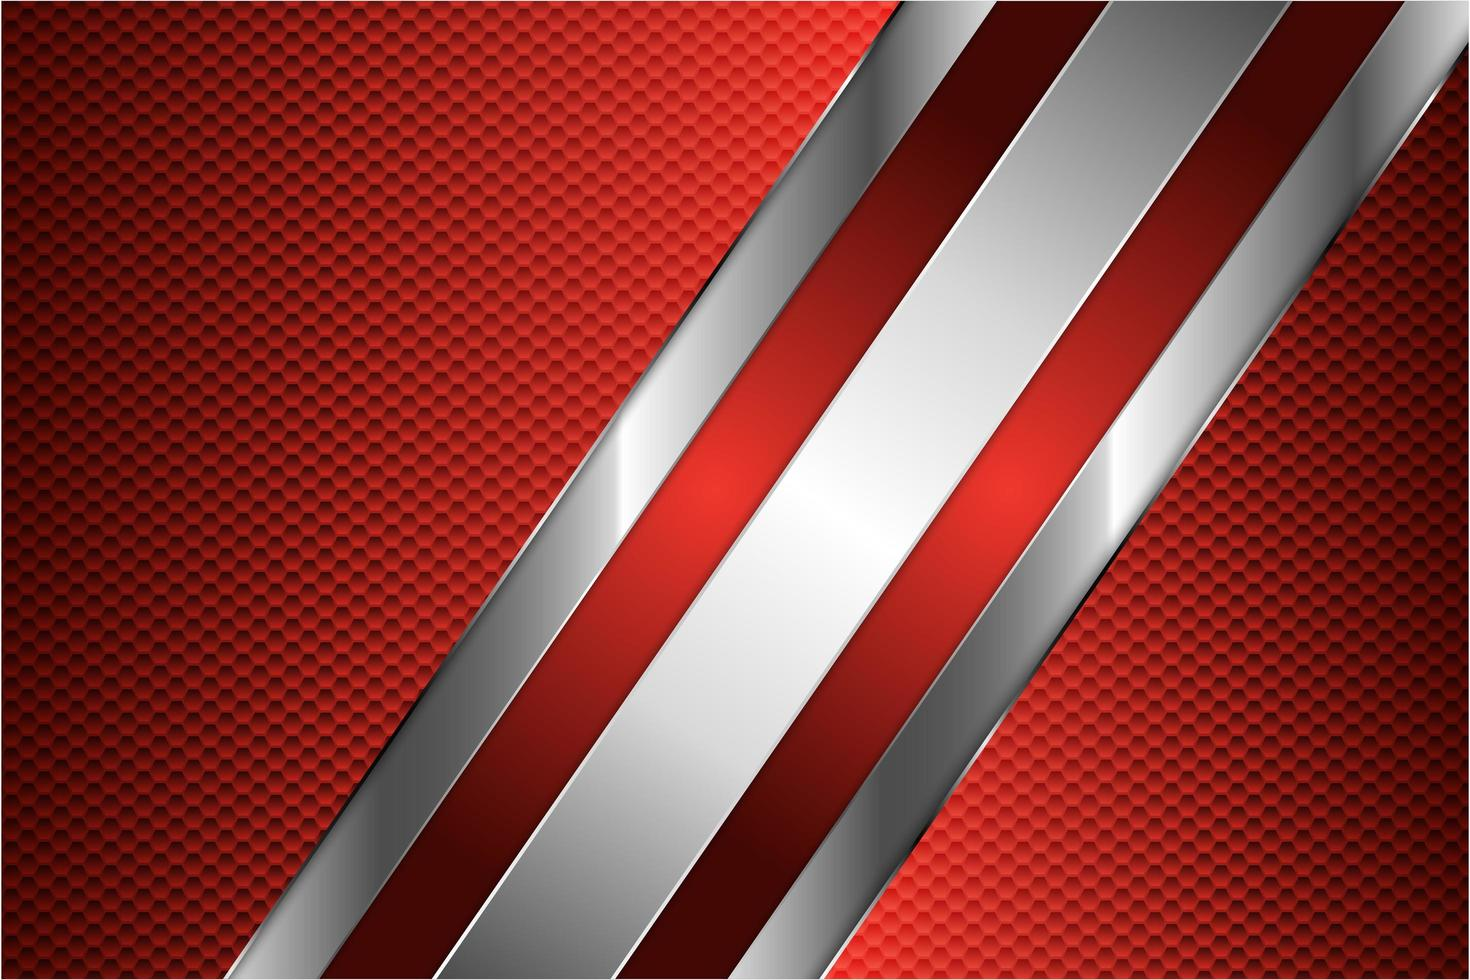 roter metallischer Hintergrund vektor